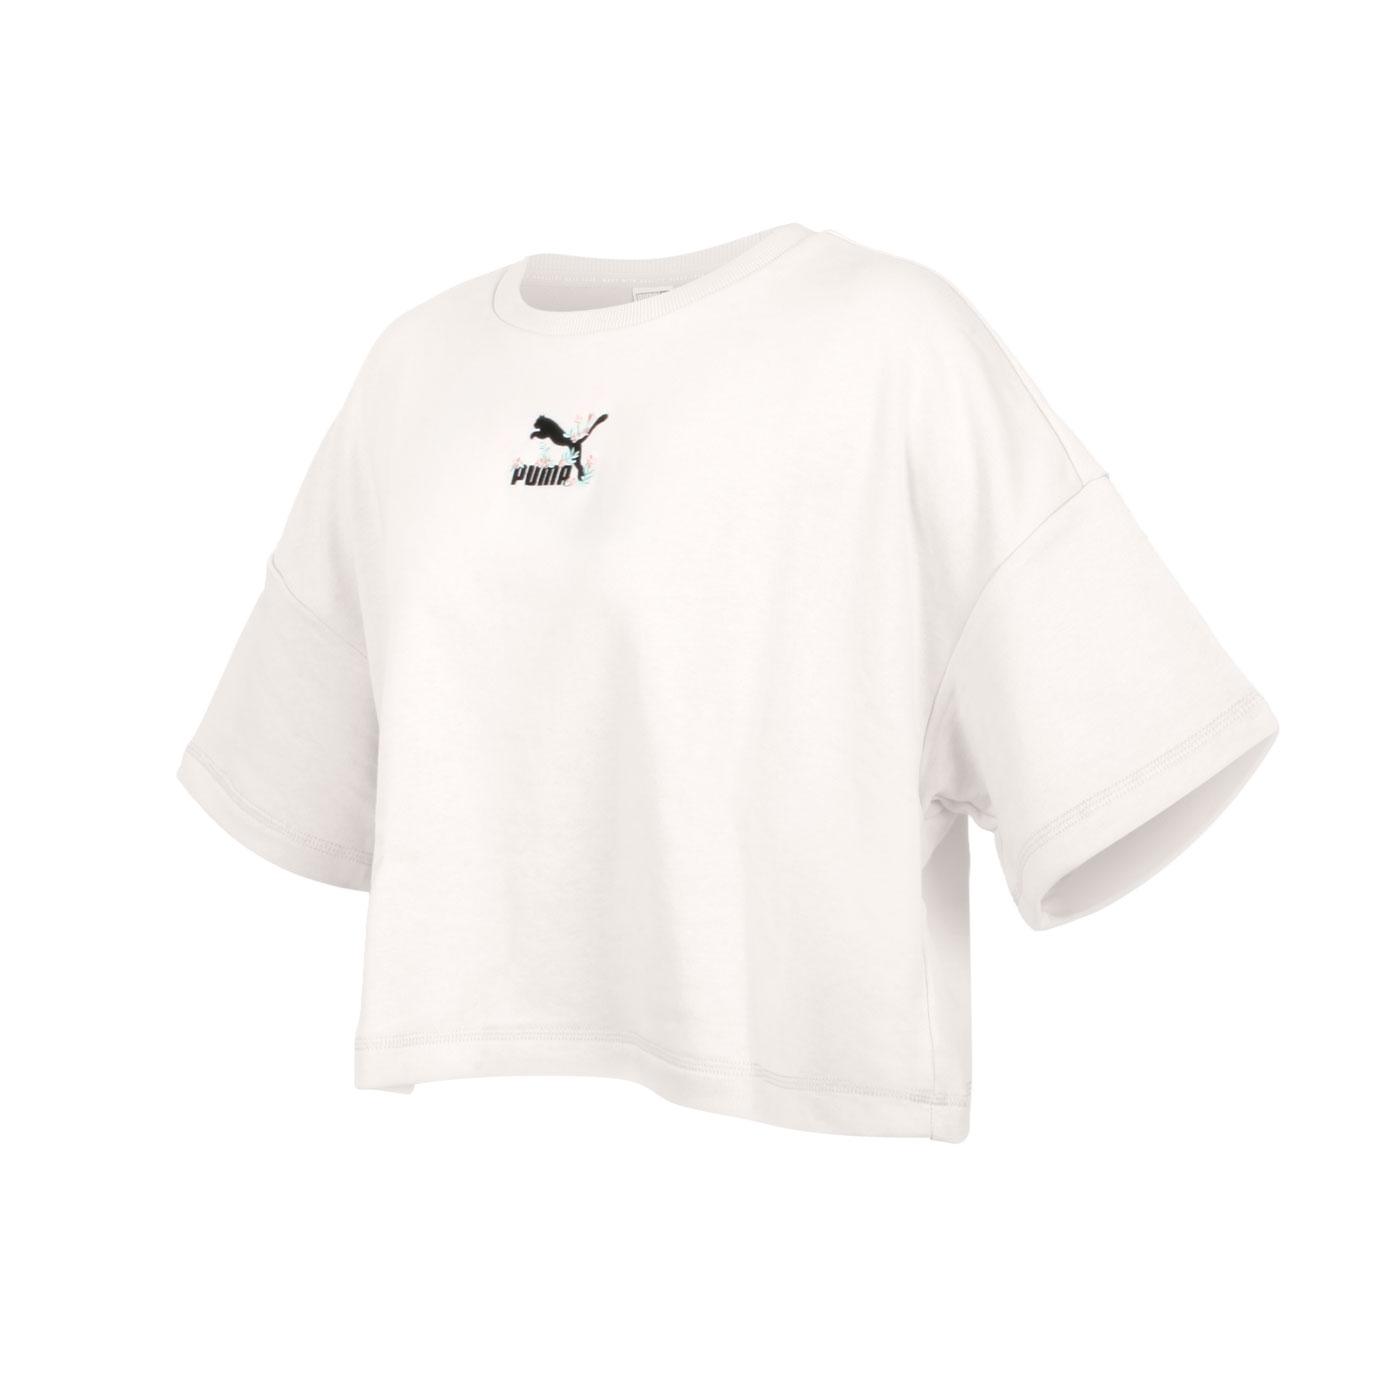 PUMA 女款流行系列Floral短袖T恤 53313173